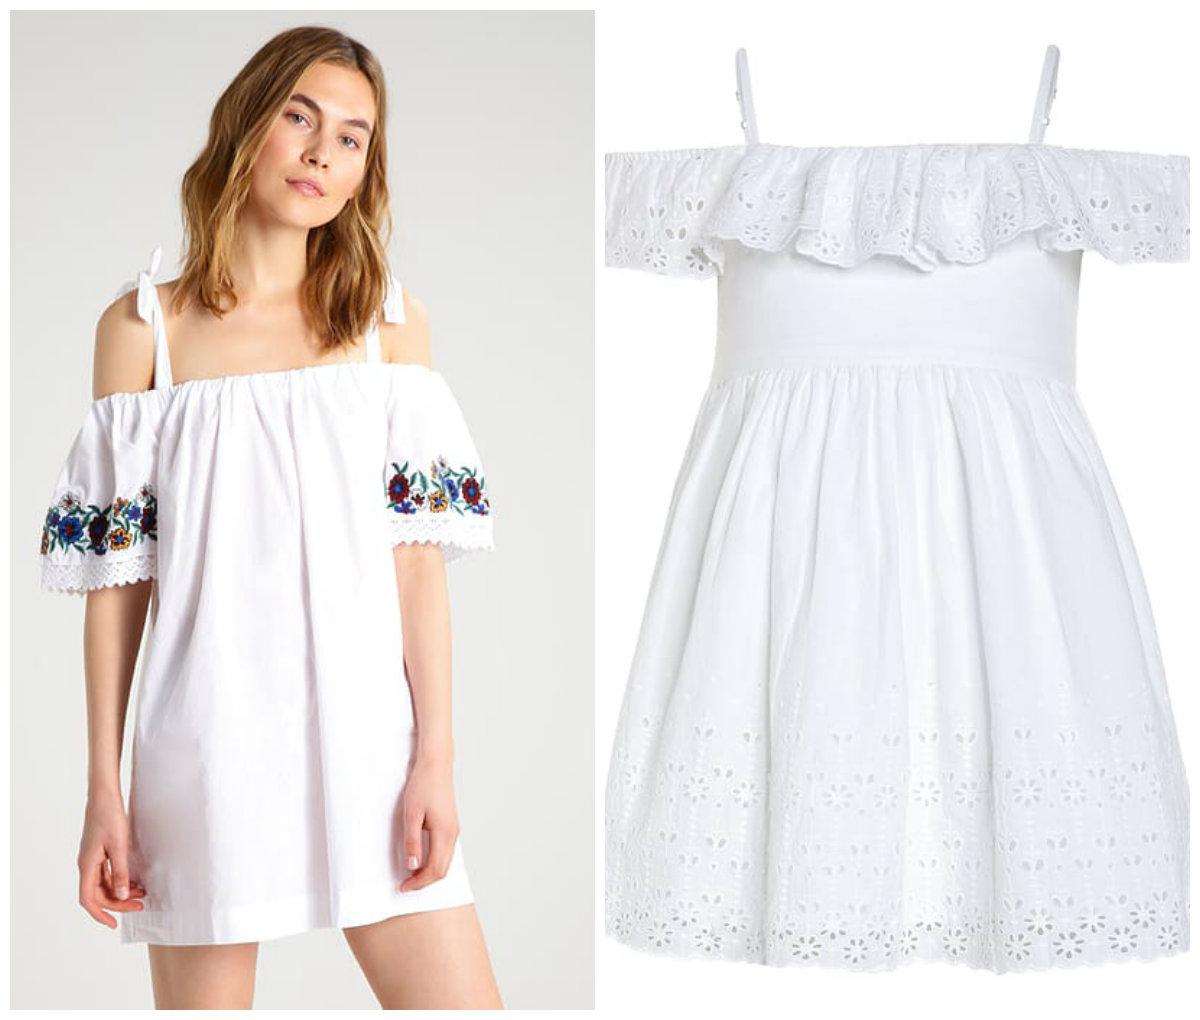 Zgrany duet: biała sukienka dla dziewczynki i jej mamy